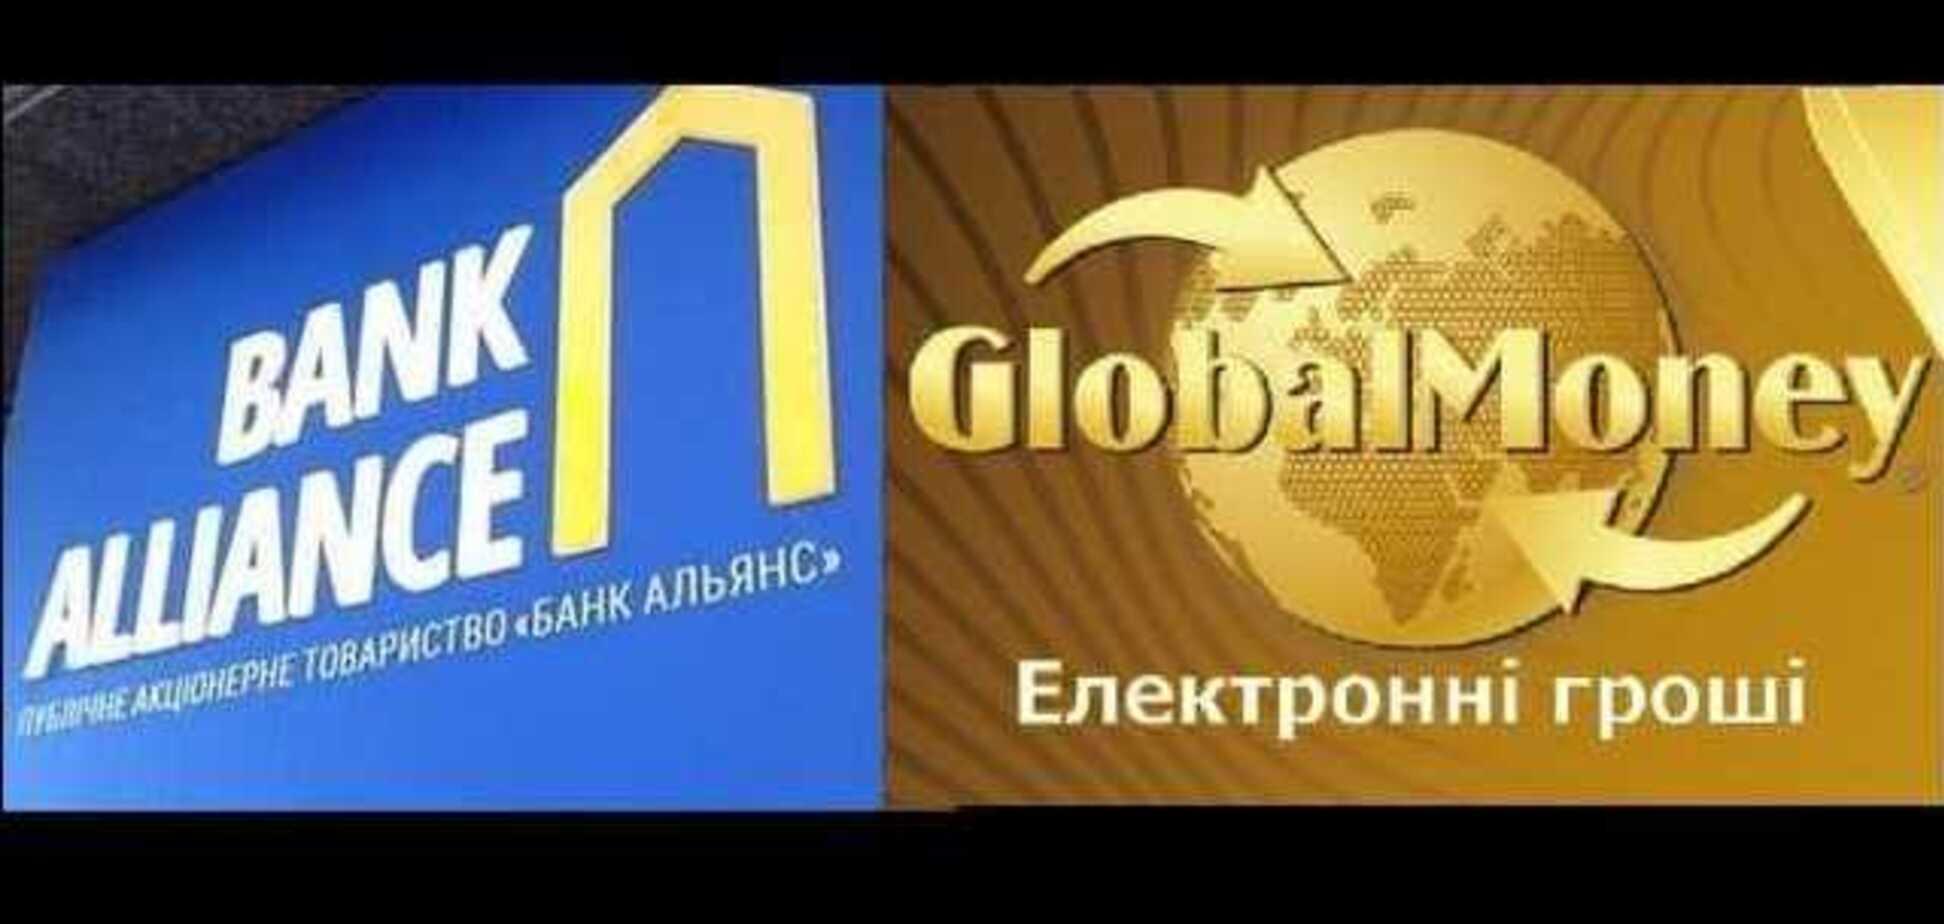 'Банк Альянс' из-за скандалов отказался от сотрудничества с GlobalMoney, – Наумович